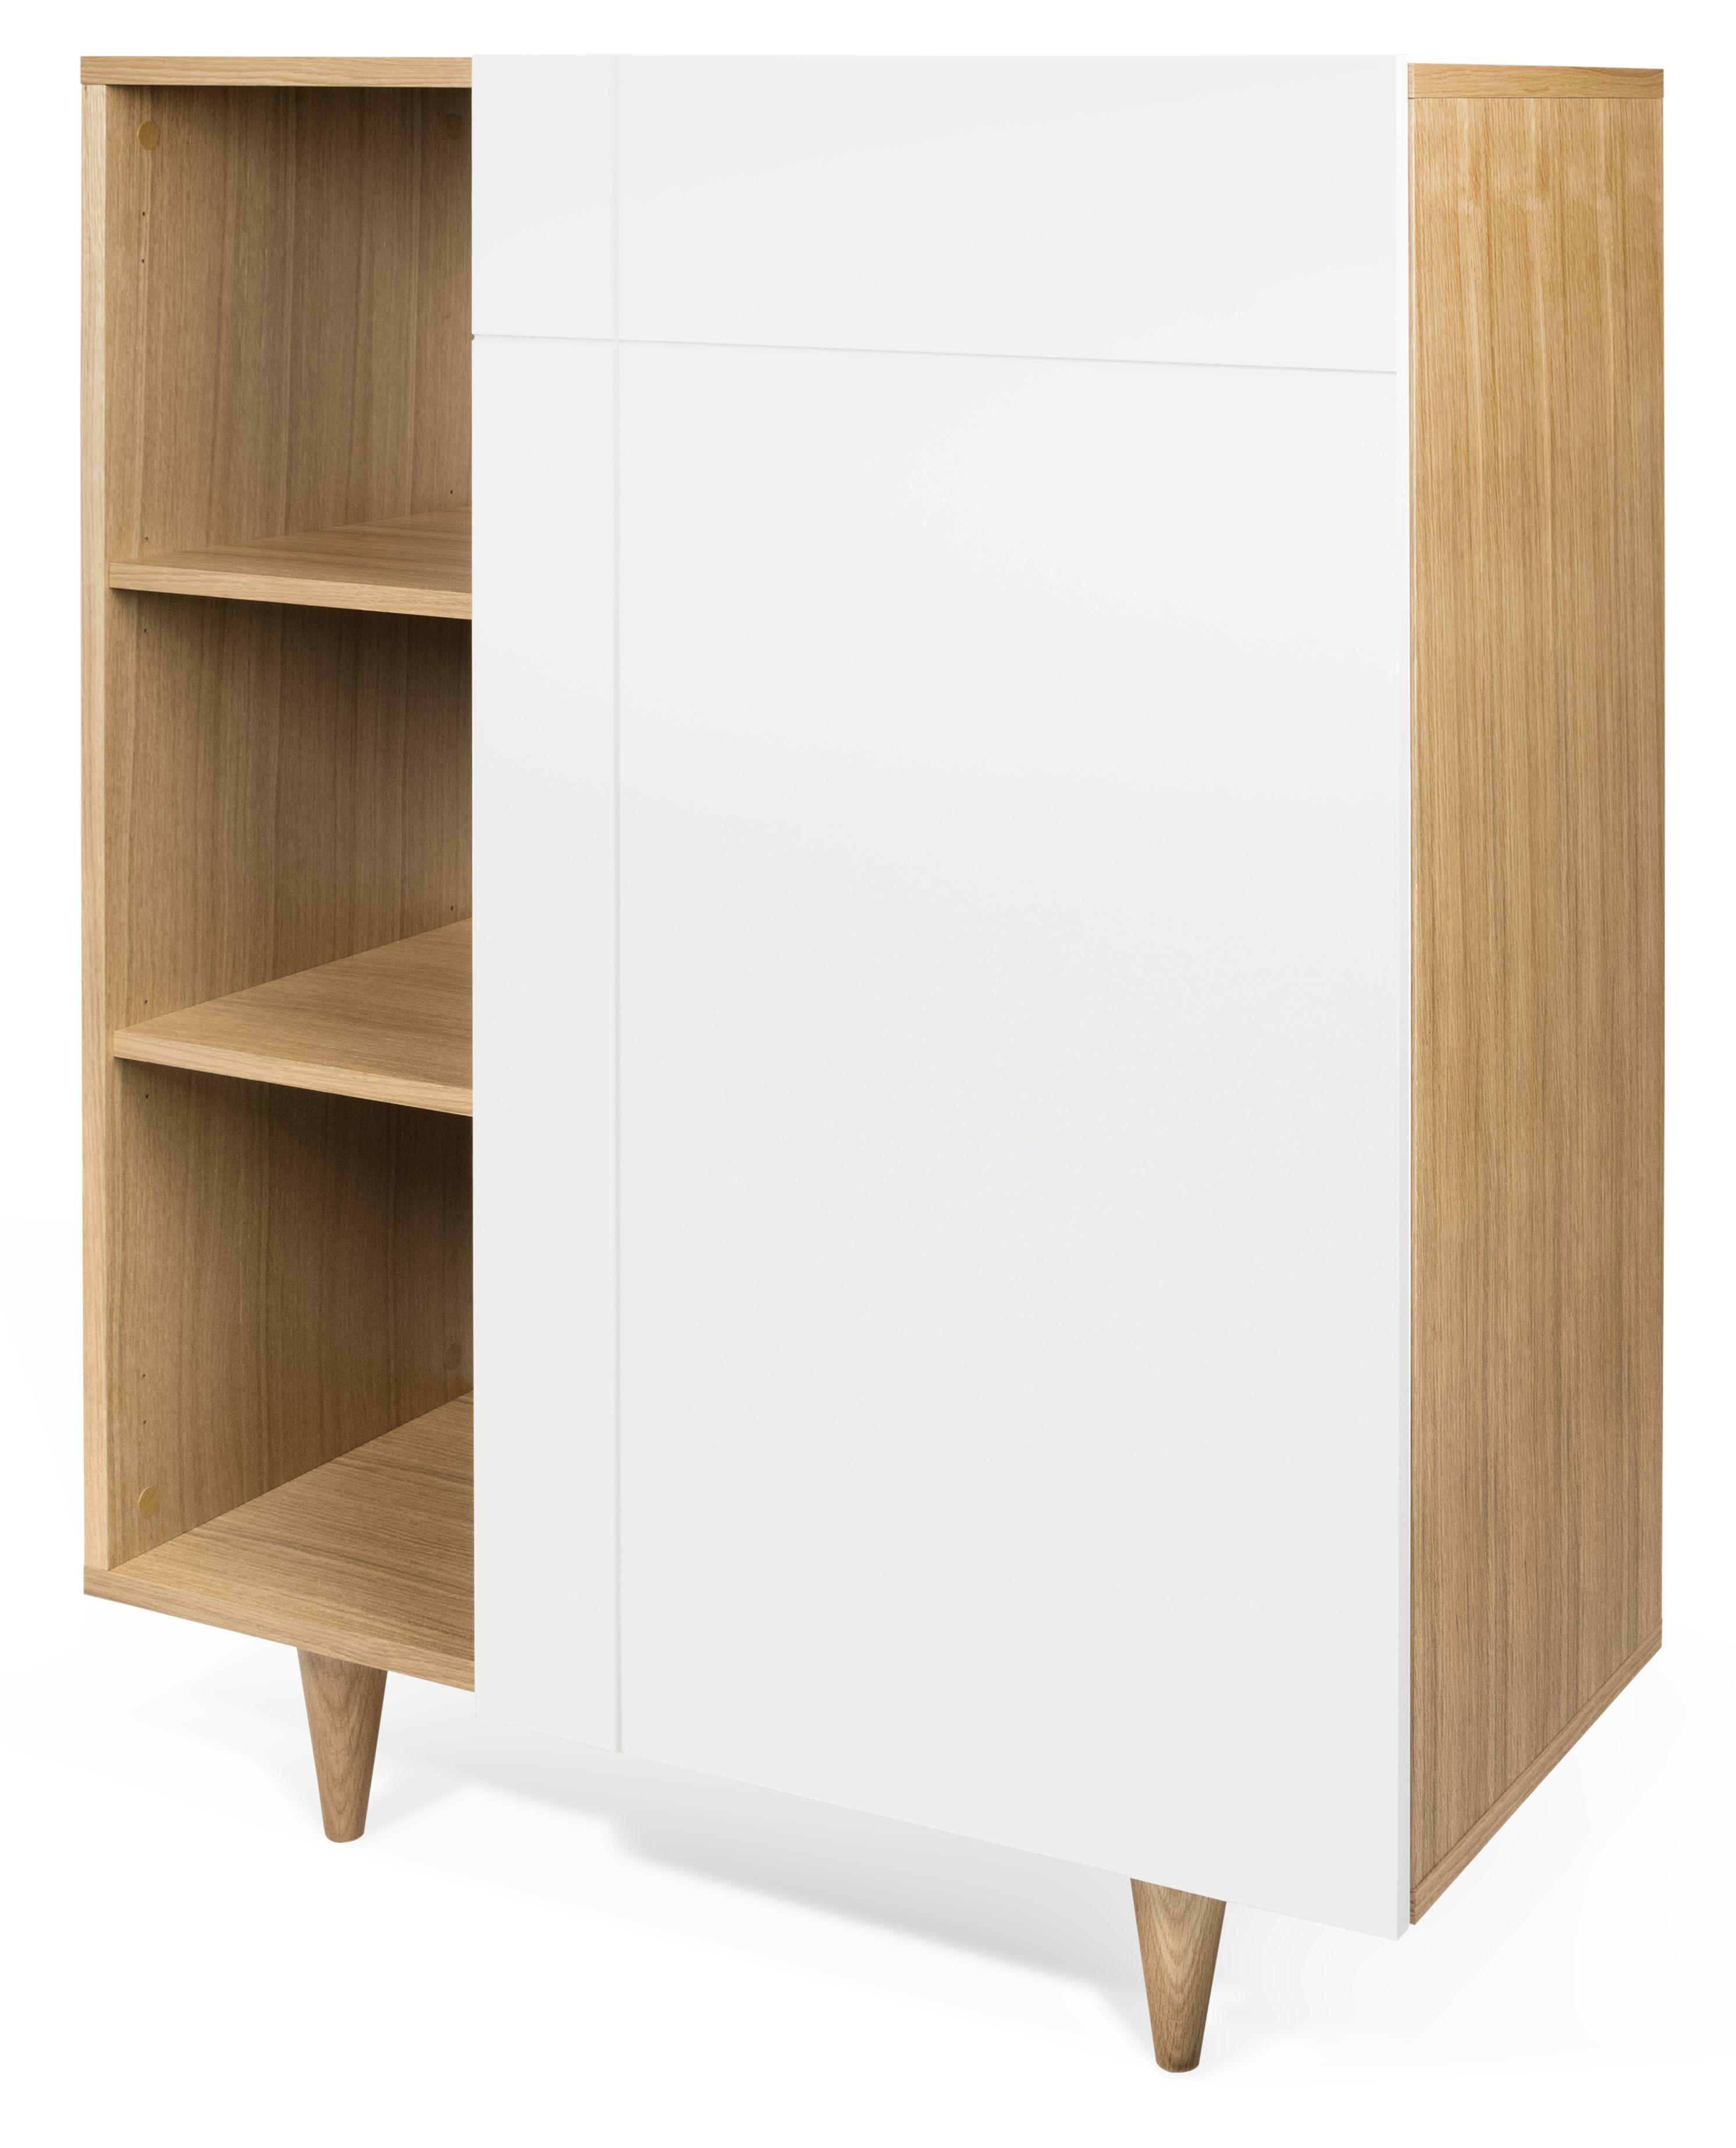 vaisselier slide l 90 x h 120 cm blanc ch ne pop up home made in design. Black Bedroom Furniture Sets. Home Design Ideas